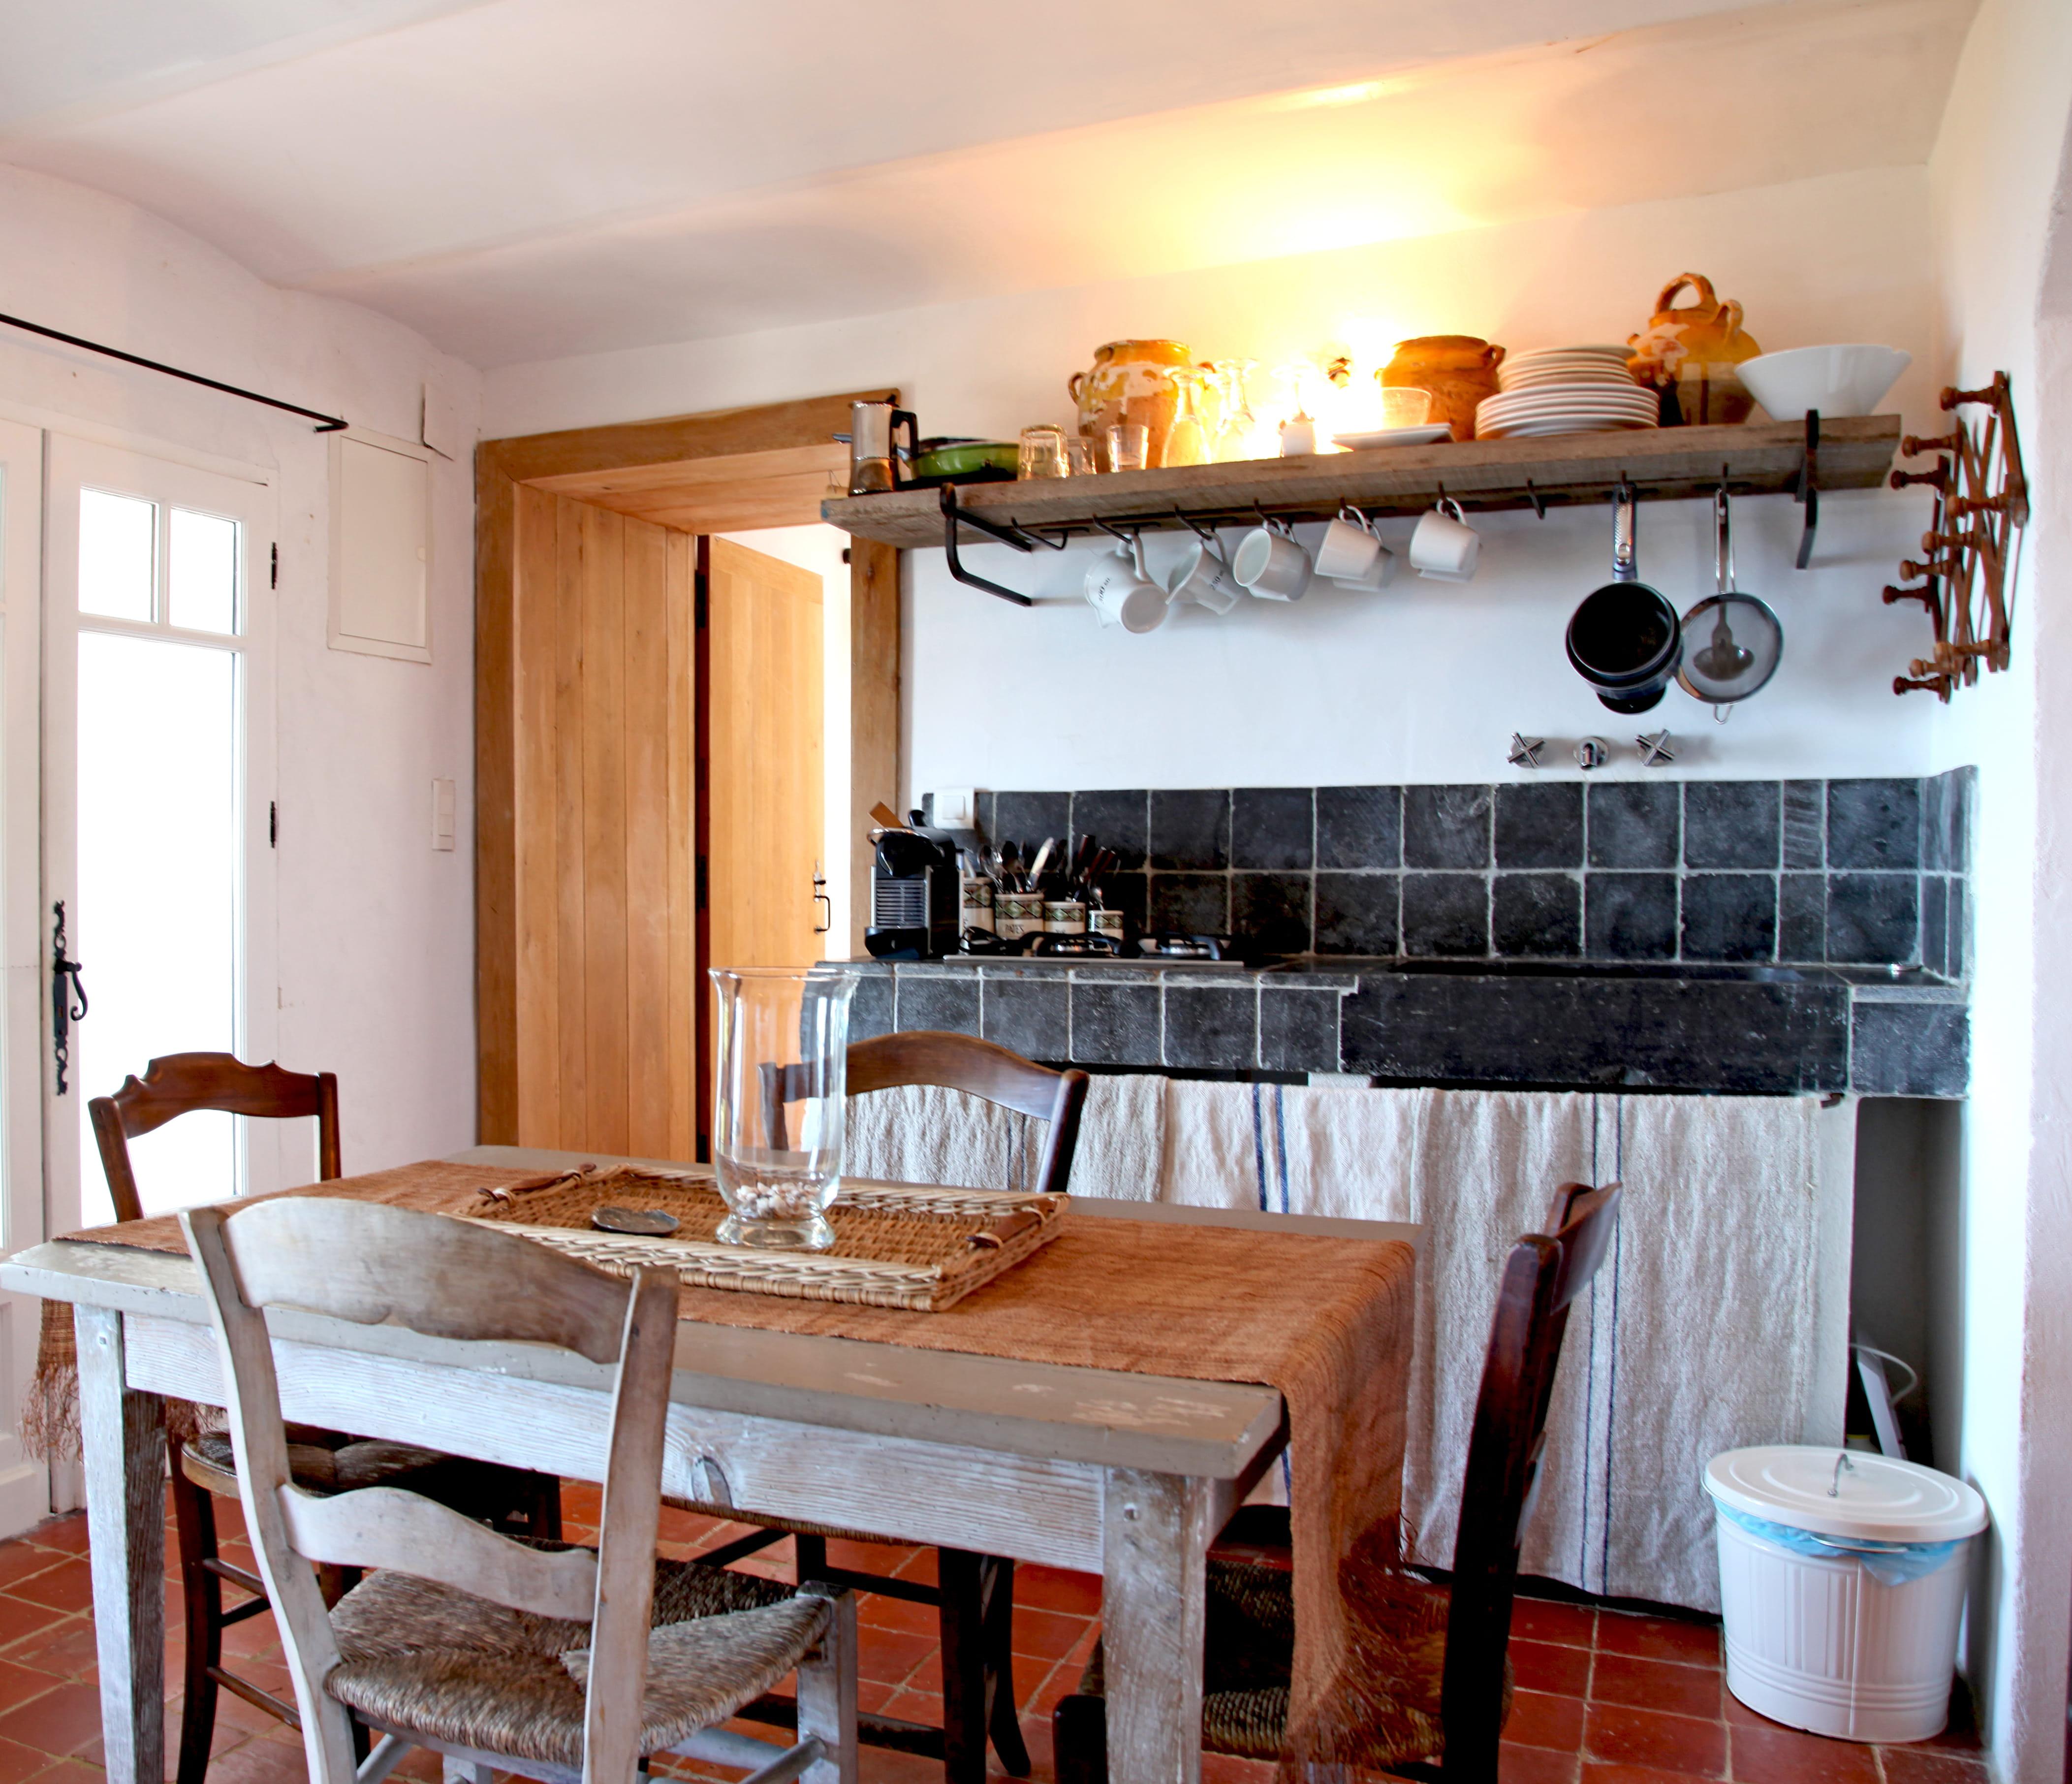 18 id es pour une petite cuisine optimis e et fonctionnelle for Petite cuisine bien agencee